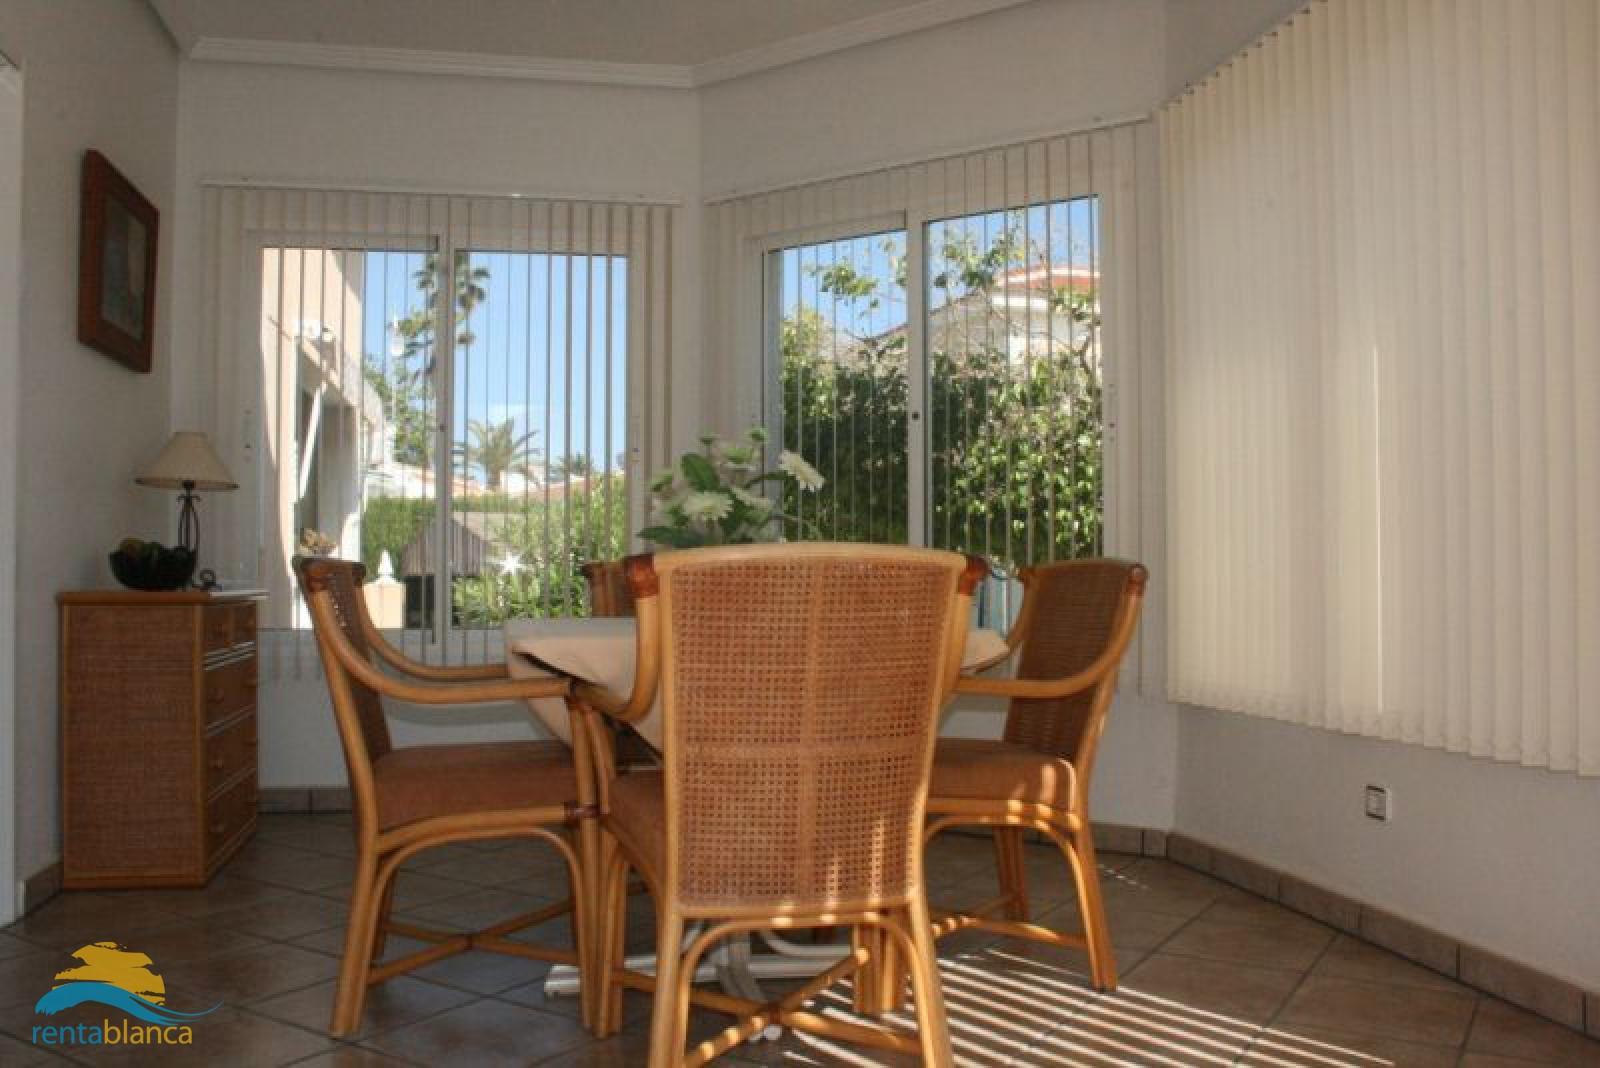 Spacious 5 bedroom villa Ciudad Quesada - Rentablanca